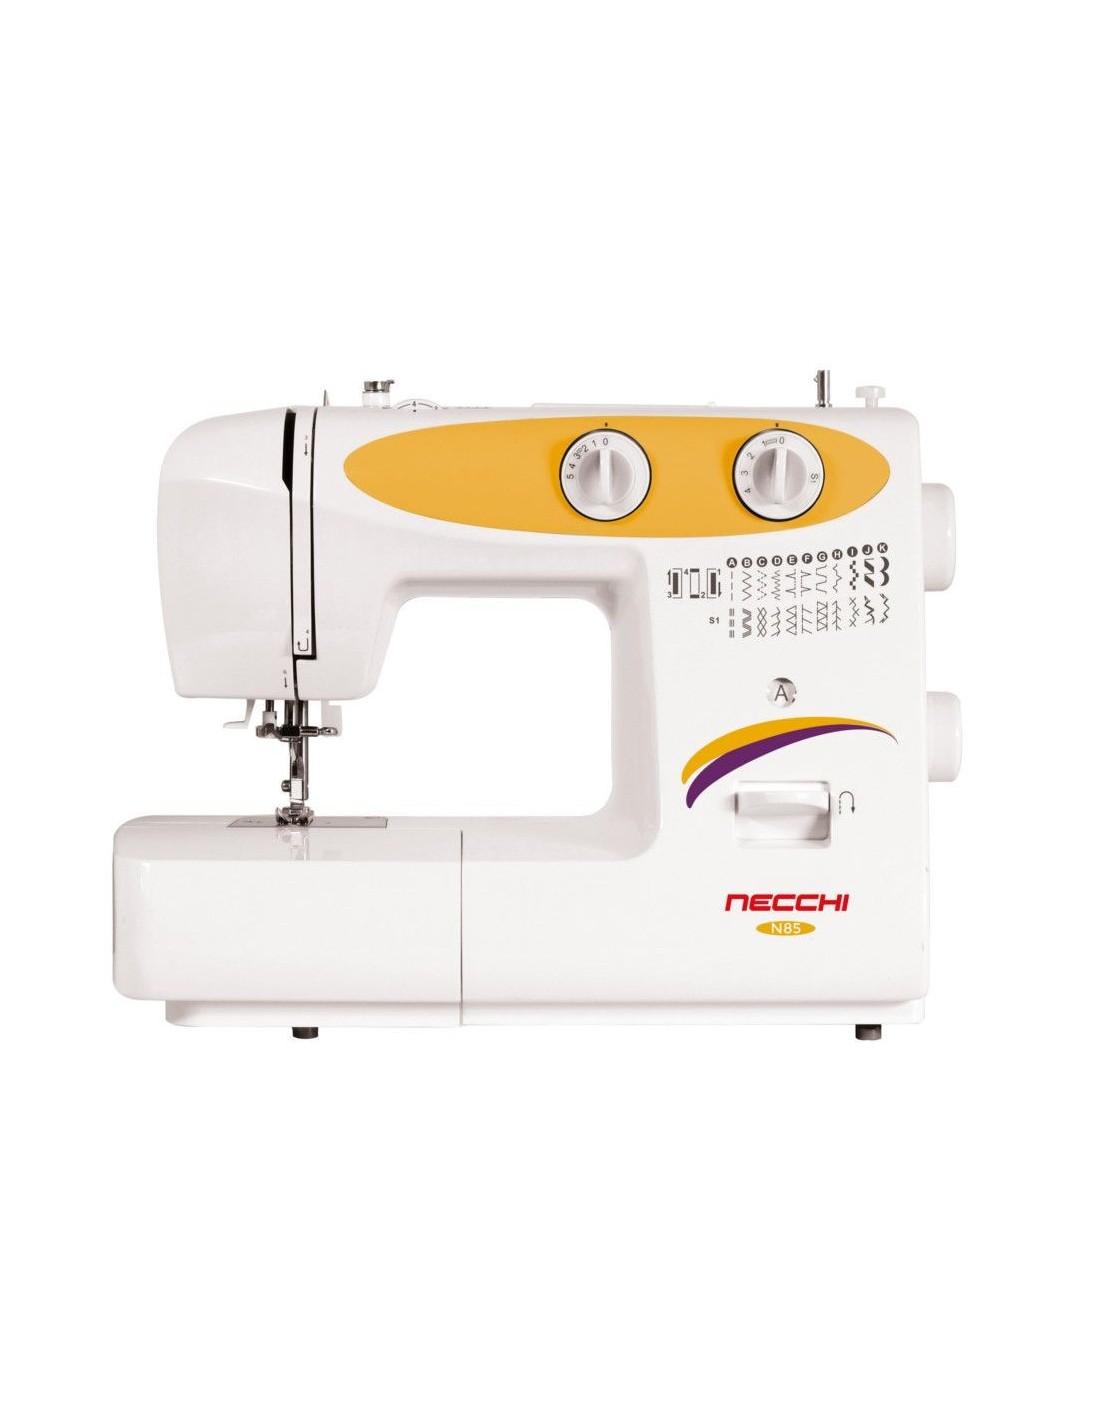 Macchina per cucire necchi n85 macchine per cucire for Cucire macchina